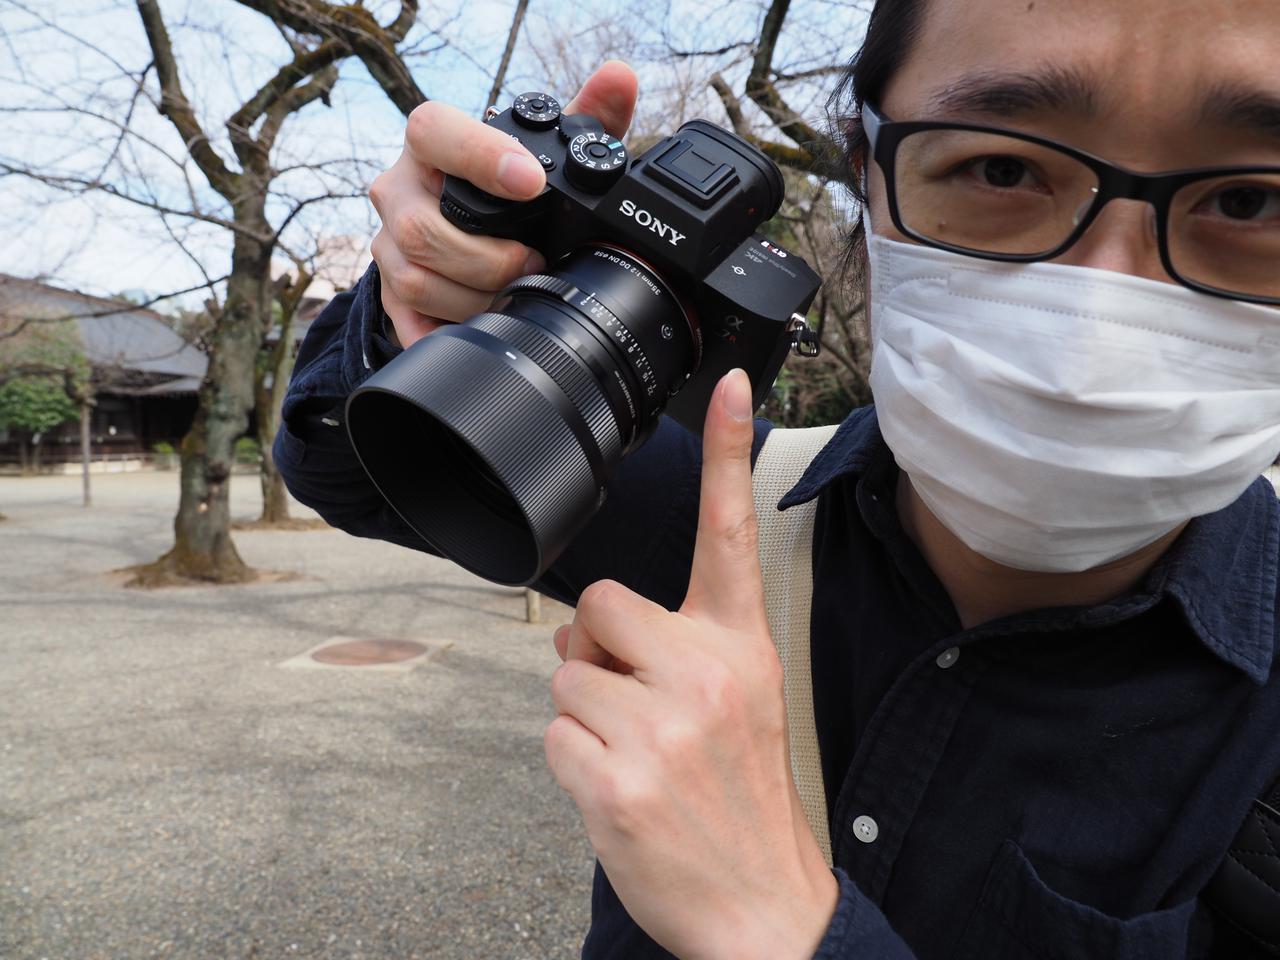 画像: ああ、なんか純正レンズよりもそれっぽく見えるよね。高級感もあるし。